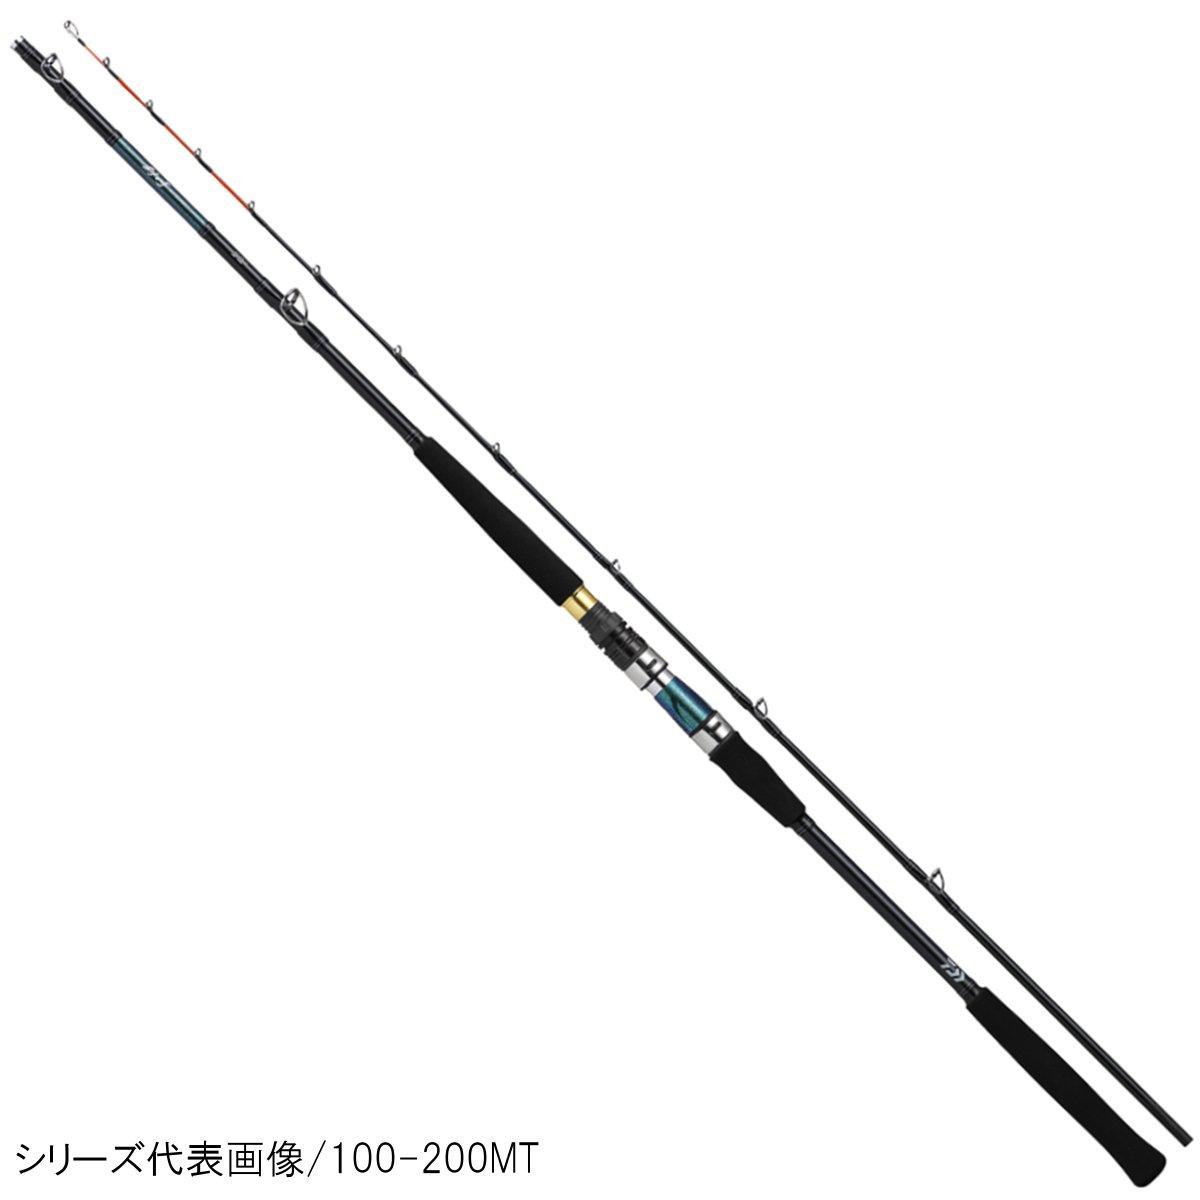 ダイワ 剣崎 MT 120-170MT(東日本店)